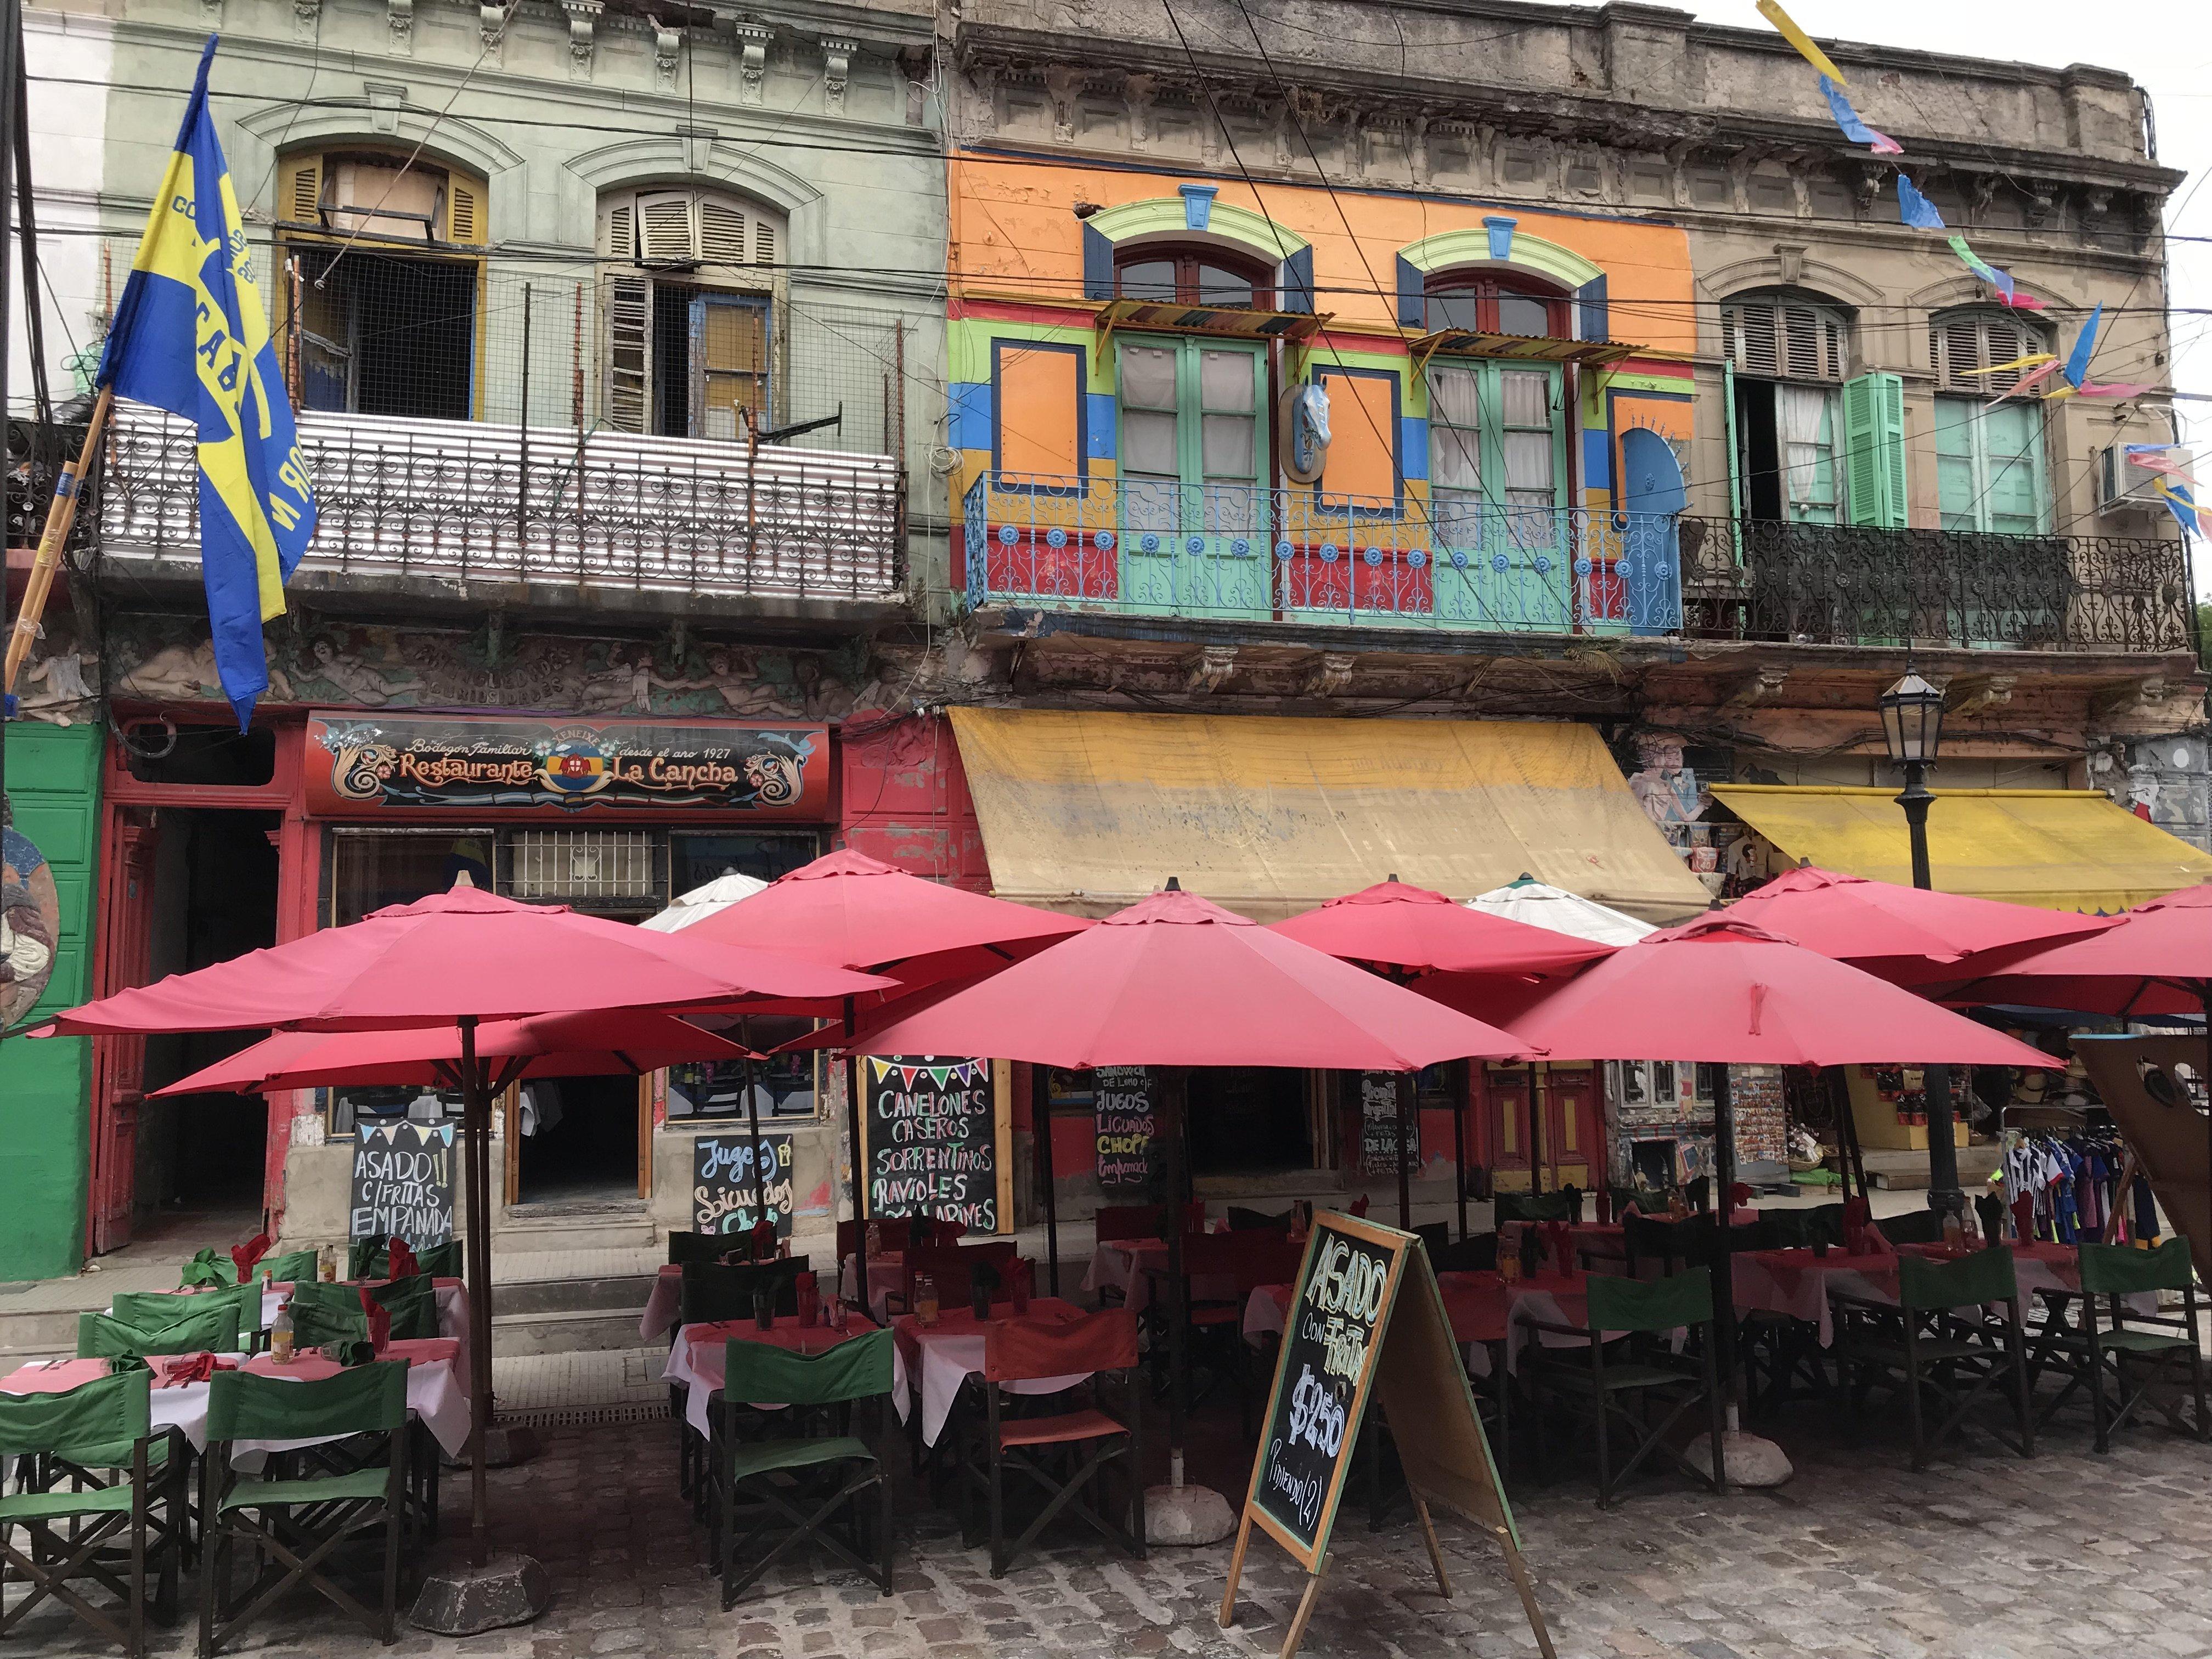 阿根廷 - 布宜诺斯艾利斯,南美和欧洲在这里相遇